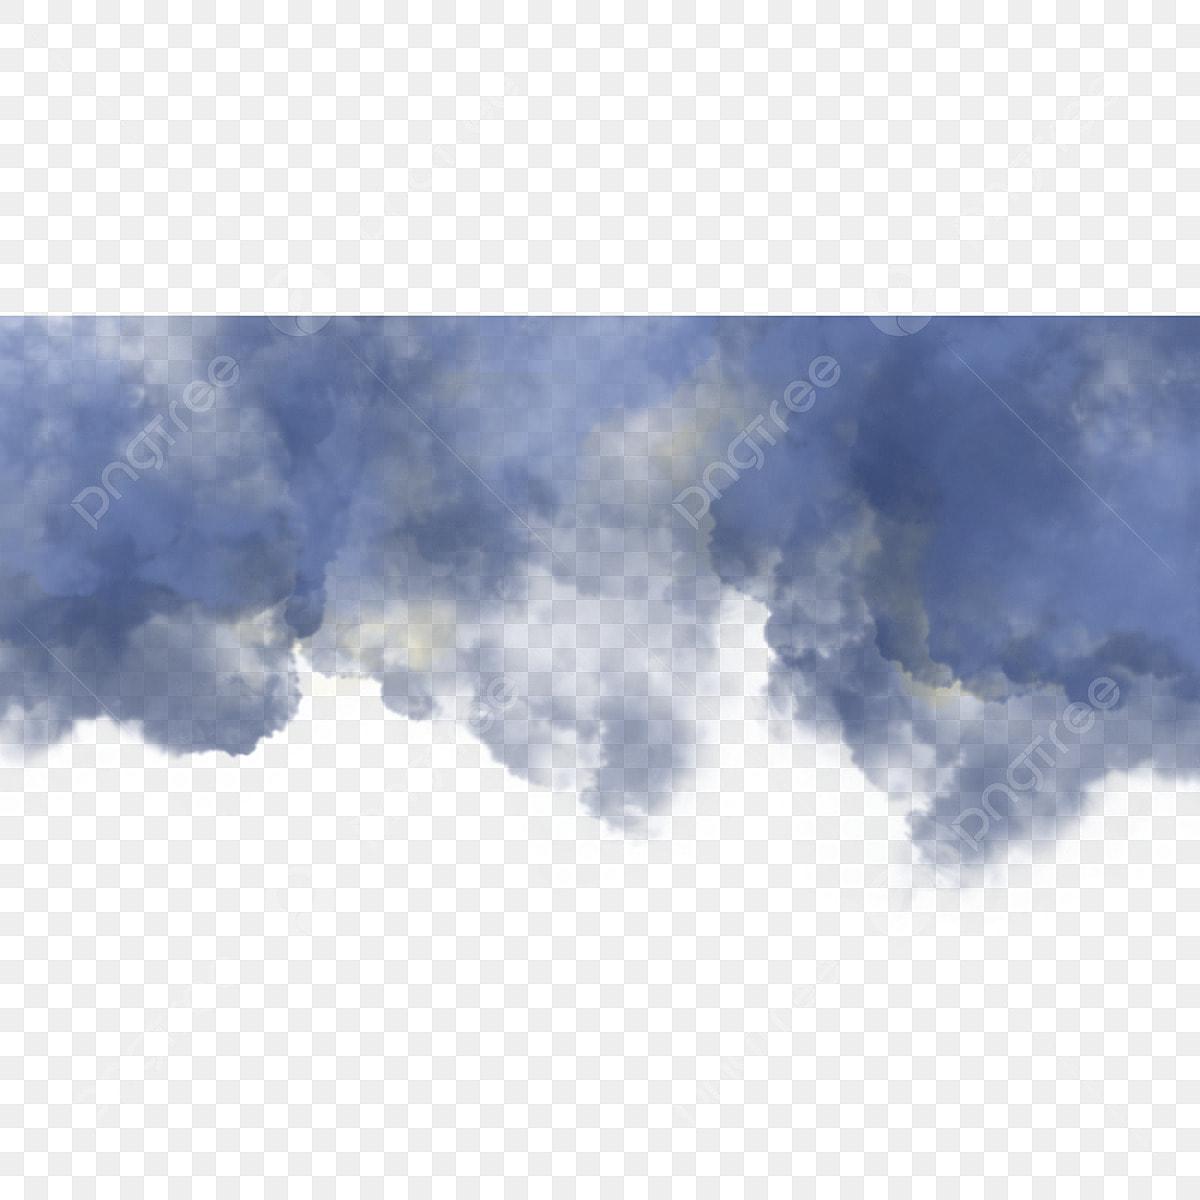 gambar elemen kabus awan biru biru kreatif awan png dan psd untuk muat turun percuma https ms pngtree com freepng blue cloud fog element 4674173 html